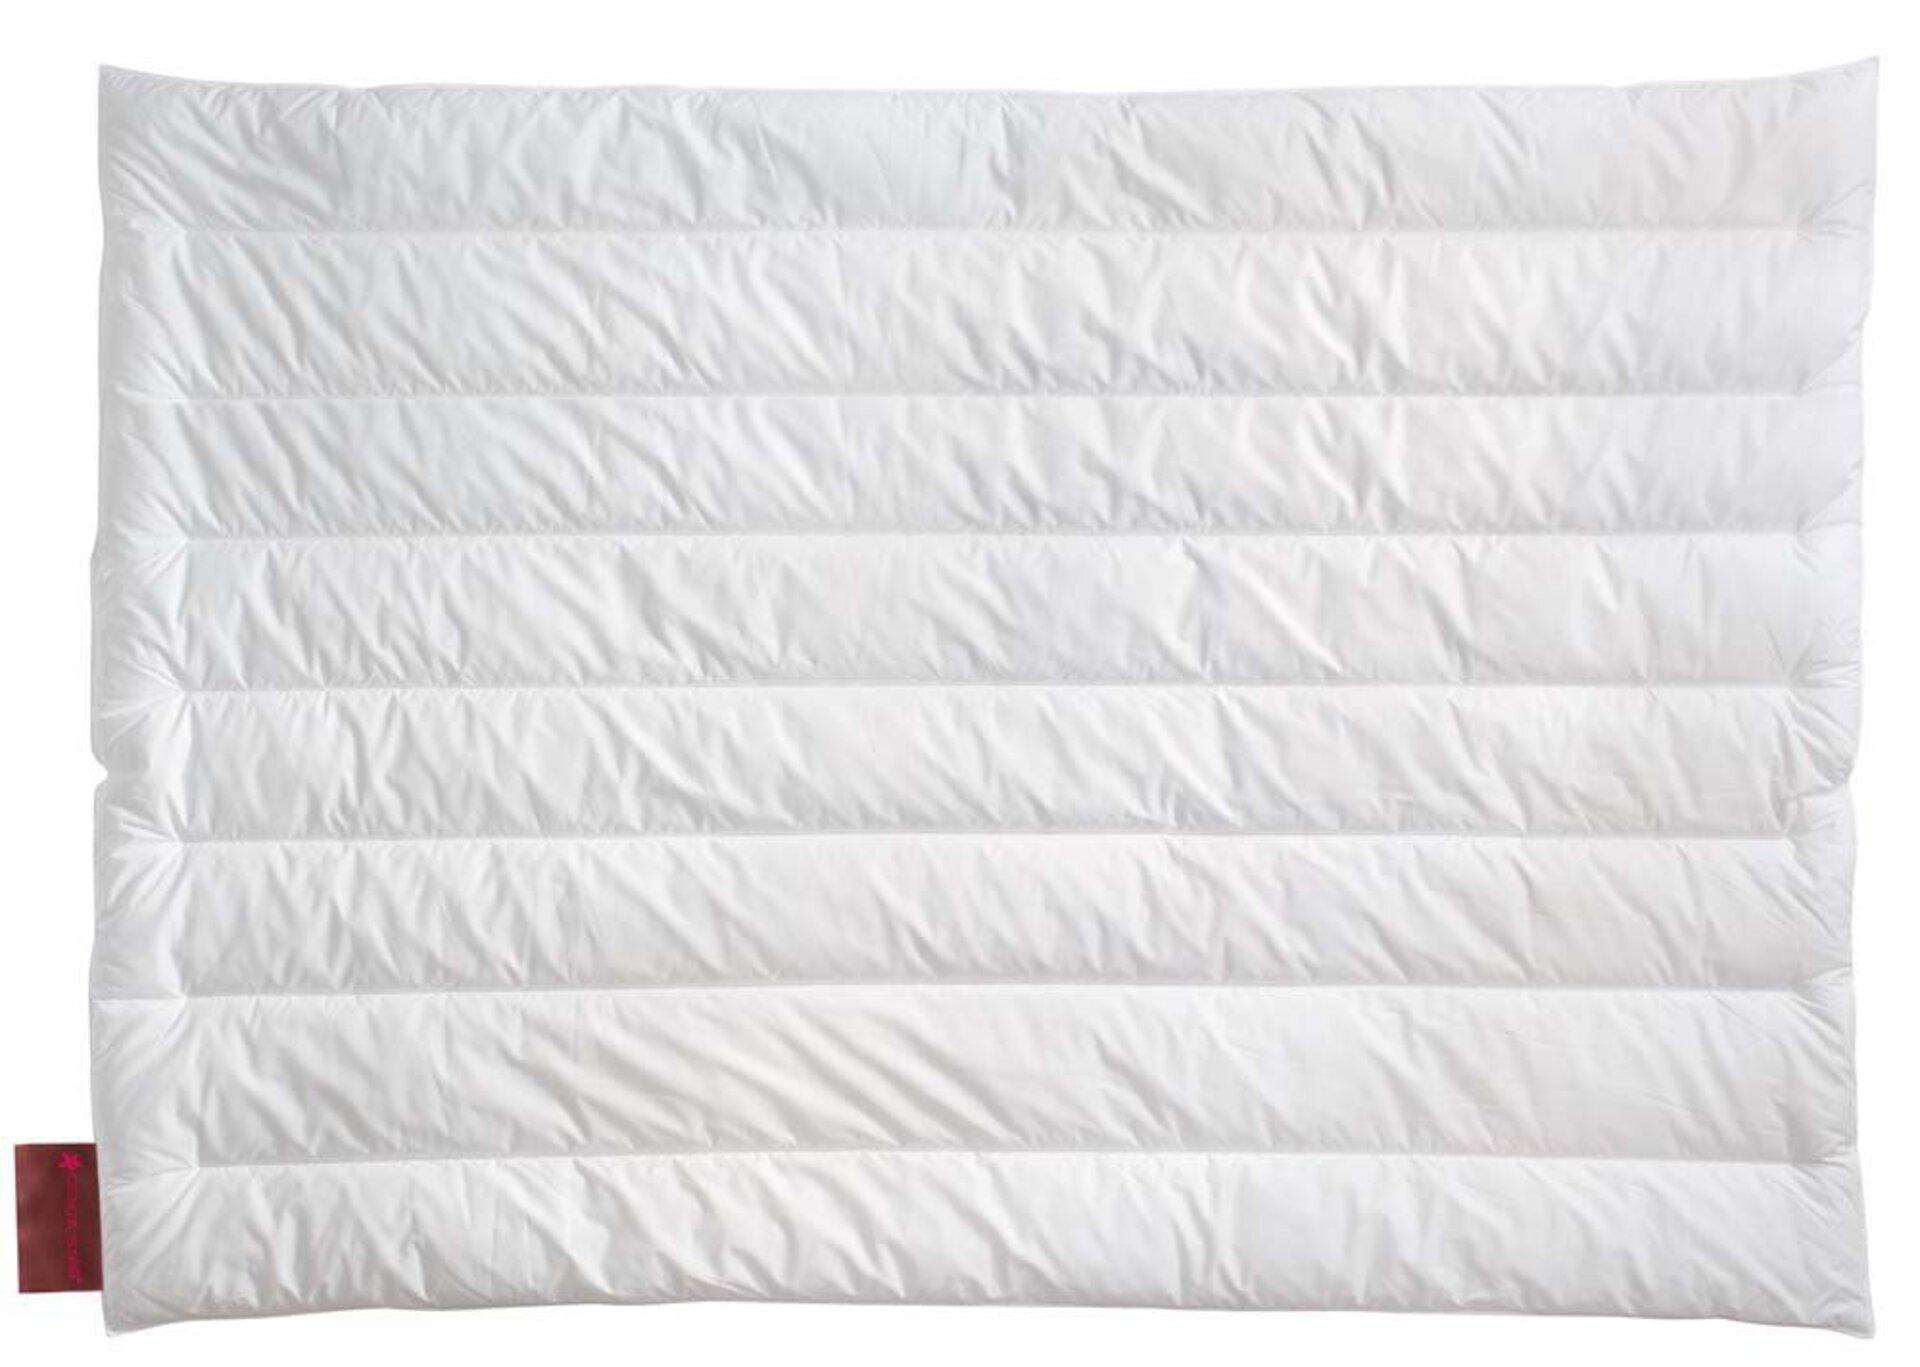 Monodecke VITAL PLUS Solo-Bett Centa-Star Textil weiß 135 x 200 cm